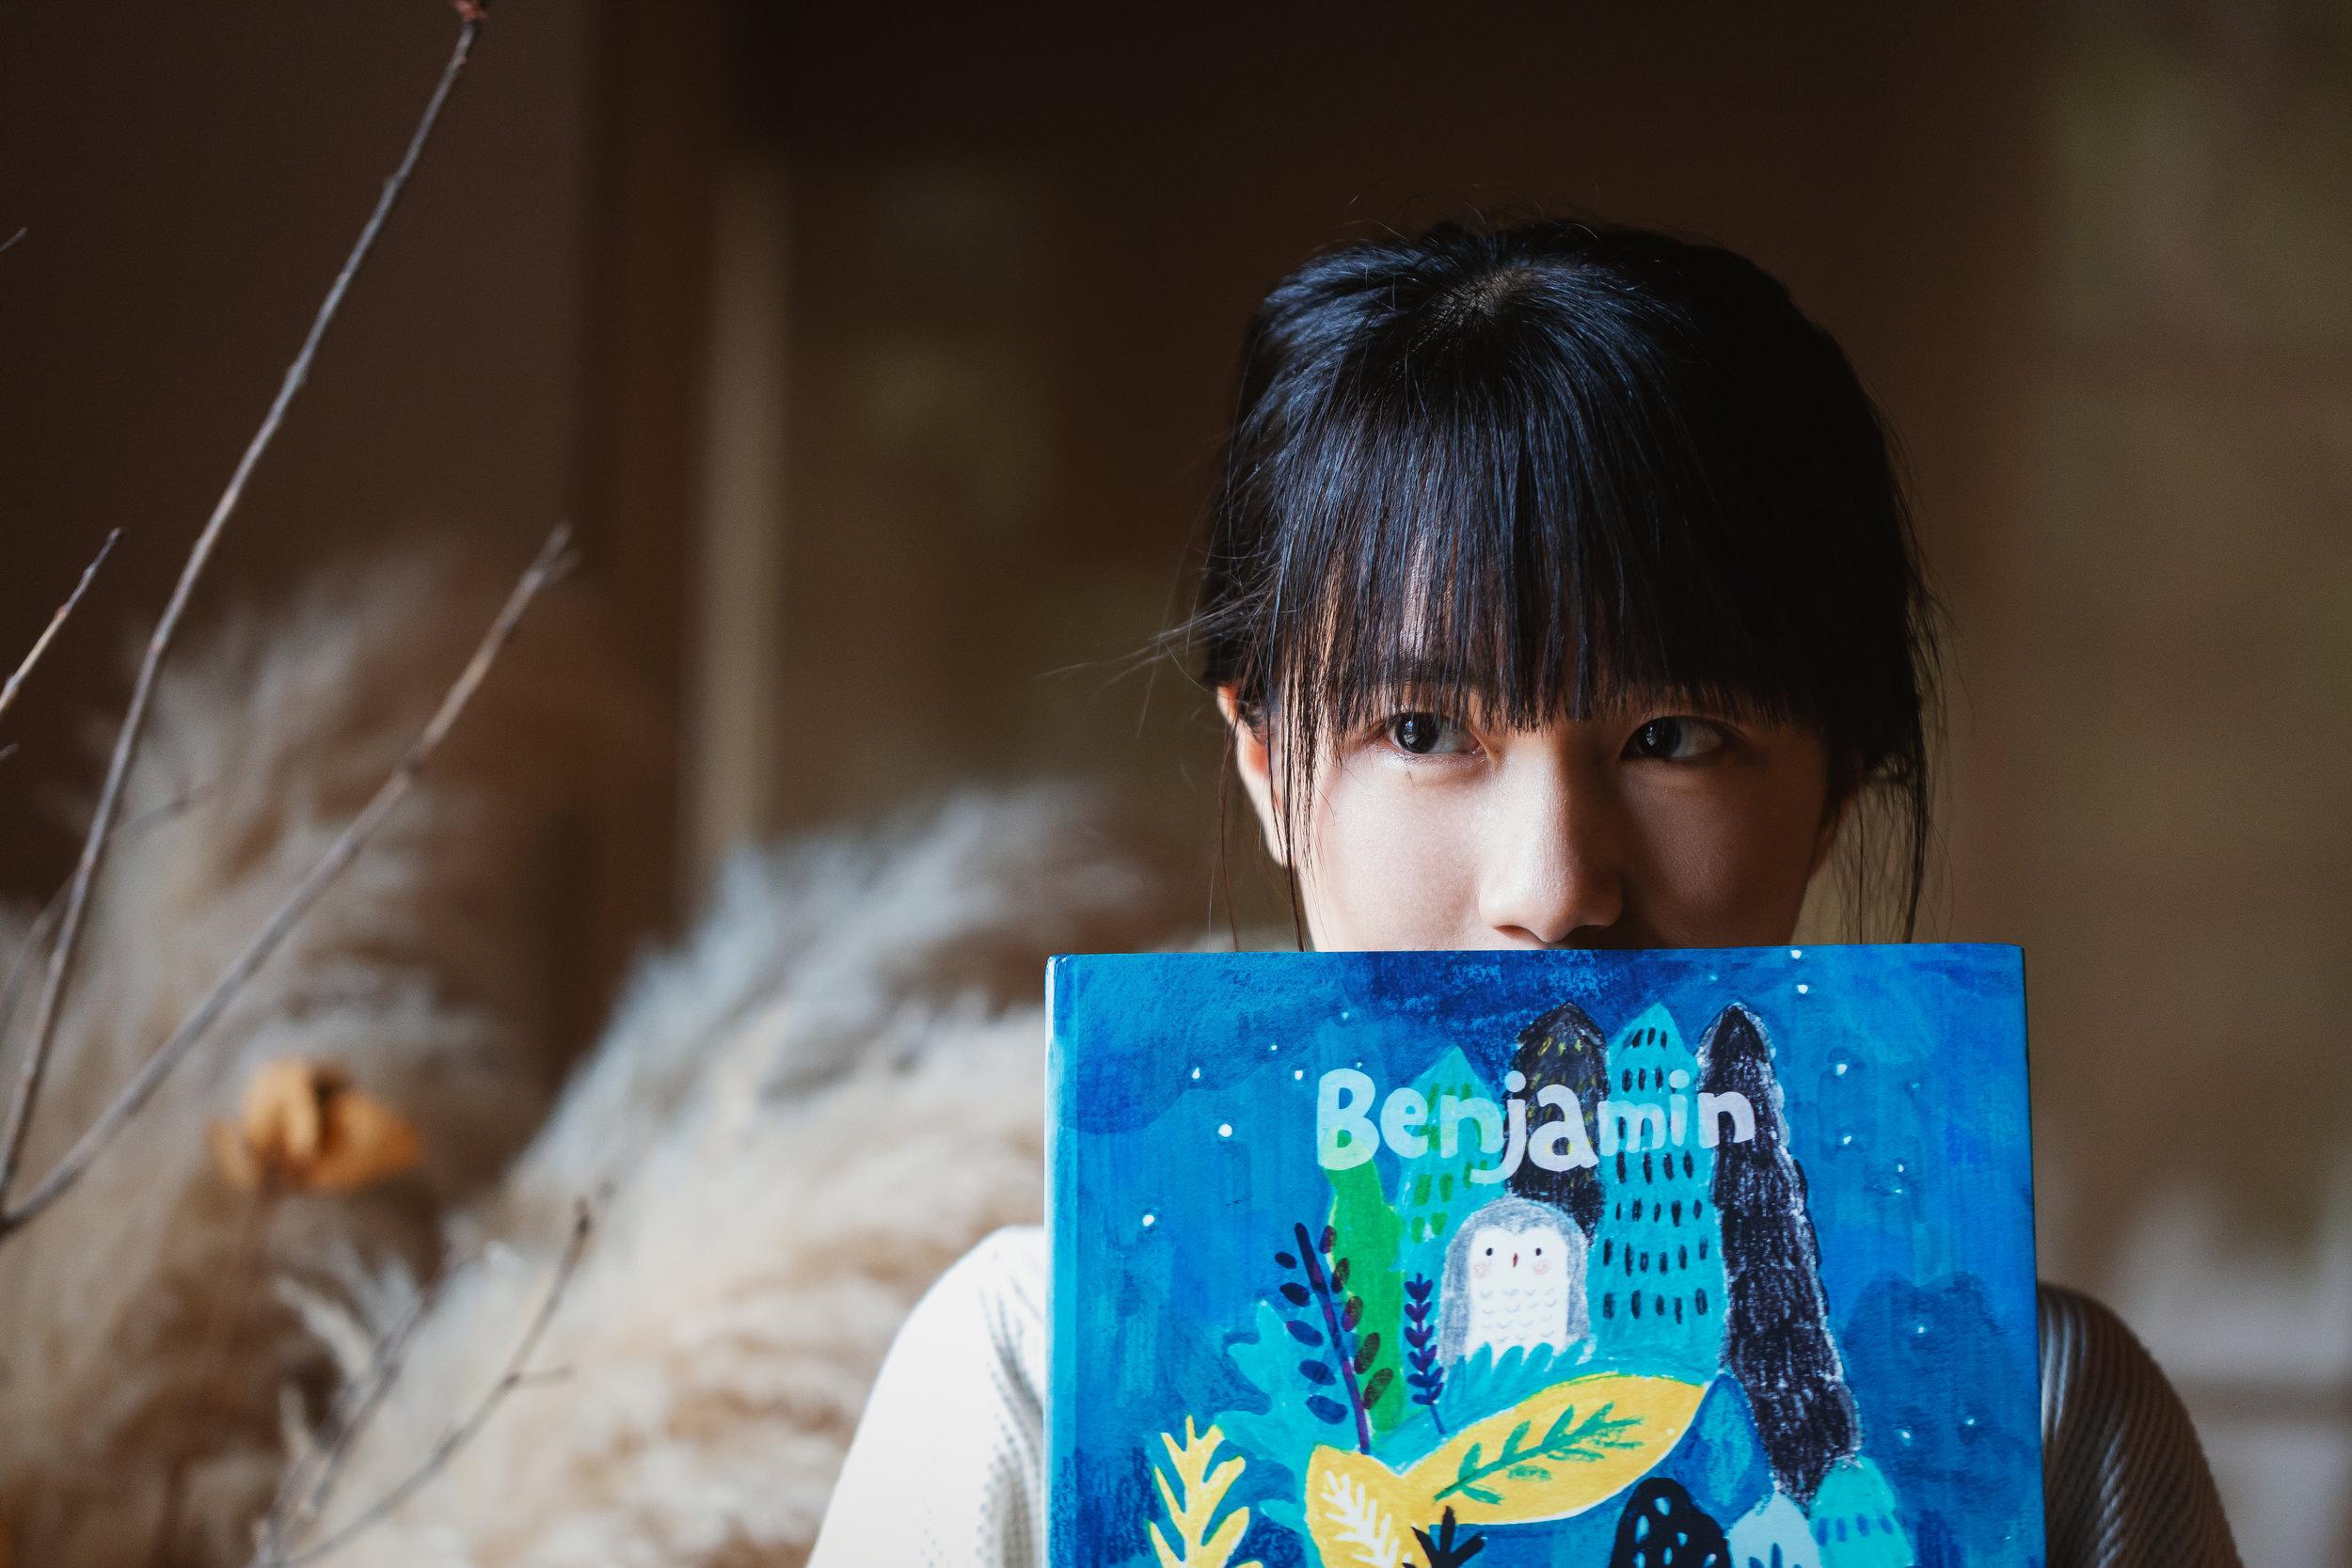 插画家李若昕毕业于台湾大雪饿大农化系、剑桥艺术学院童书插画硕士。现为插画工作者,也做绘图、版画相关的课程教学。